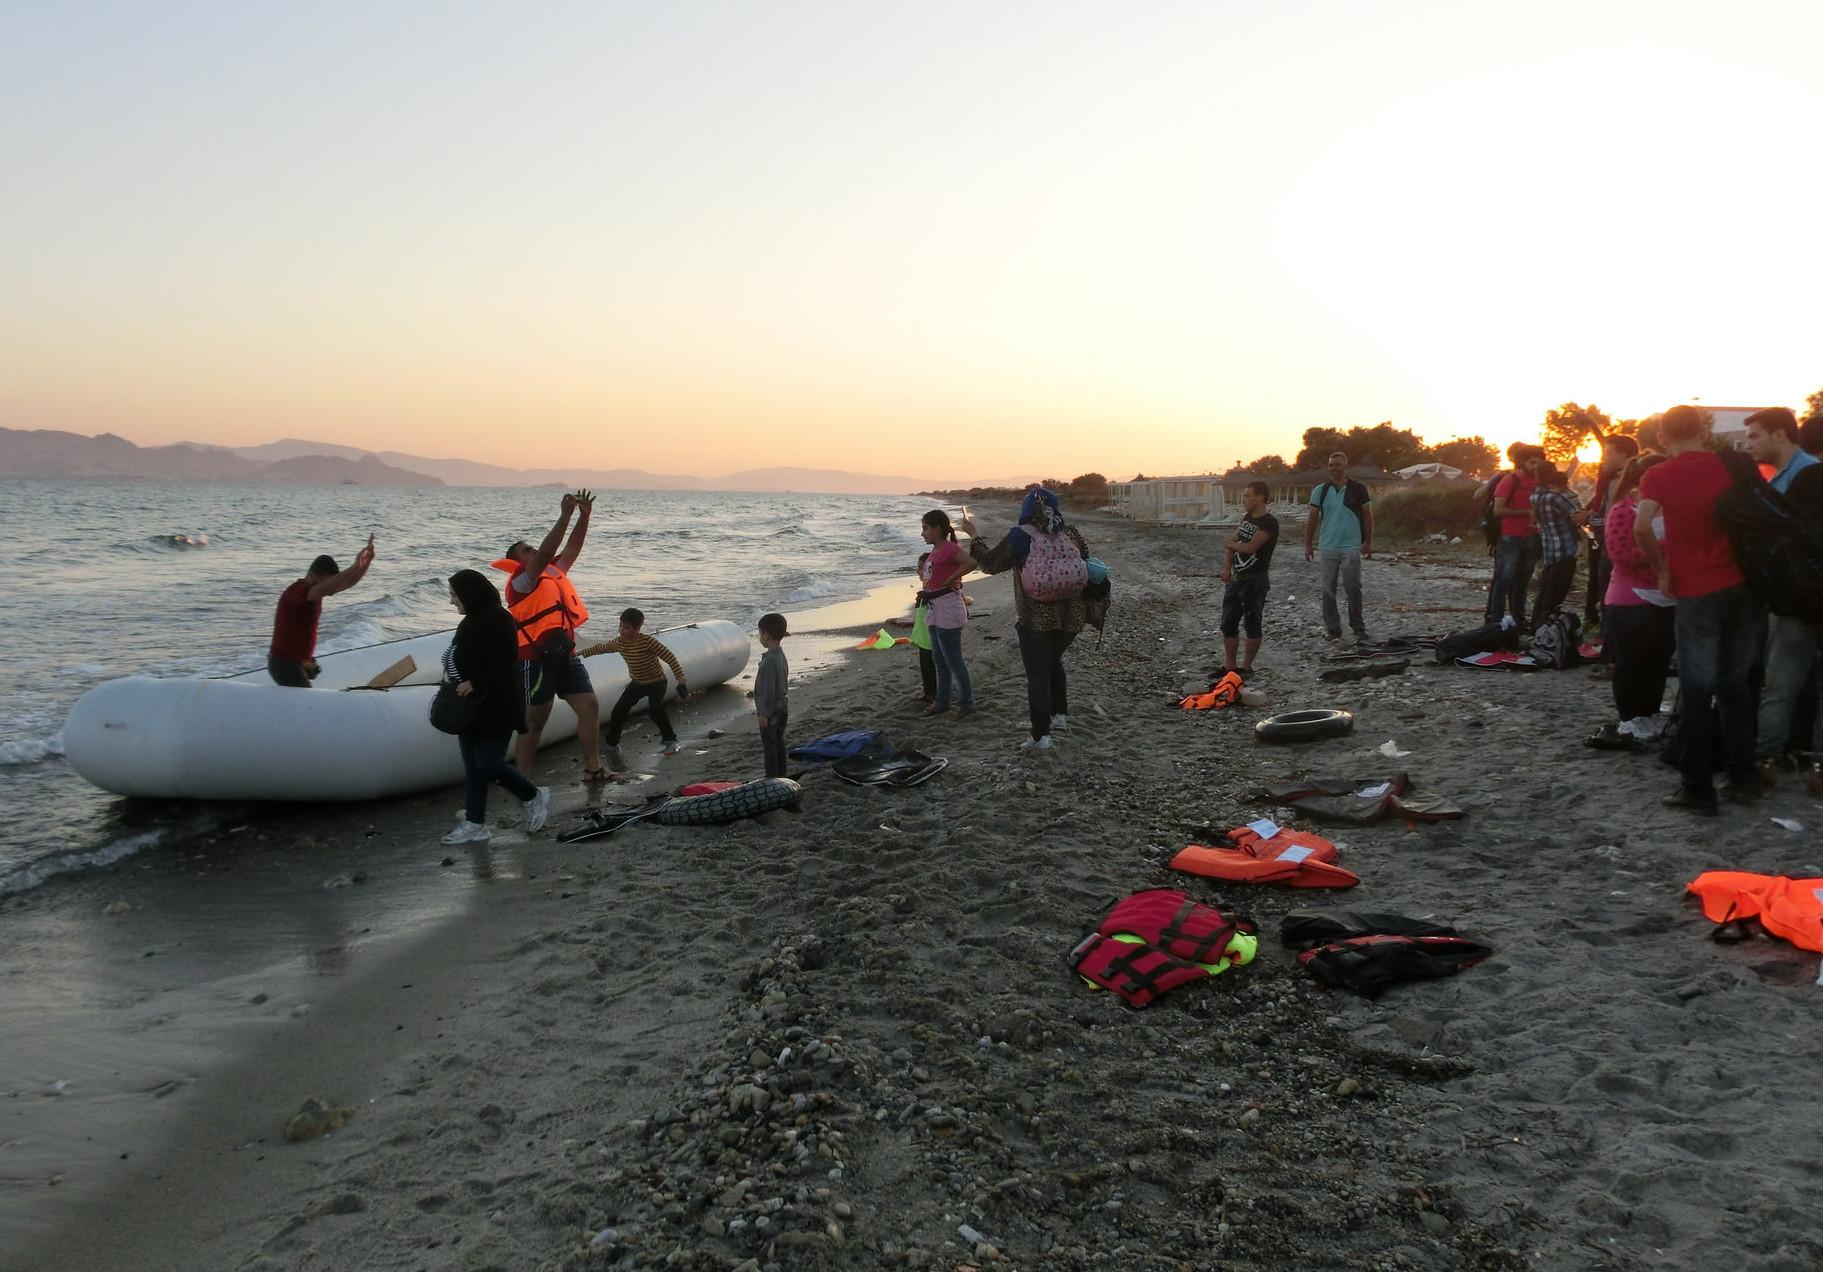 Sbarchi di rifugiati sulle coste greche